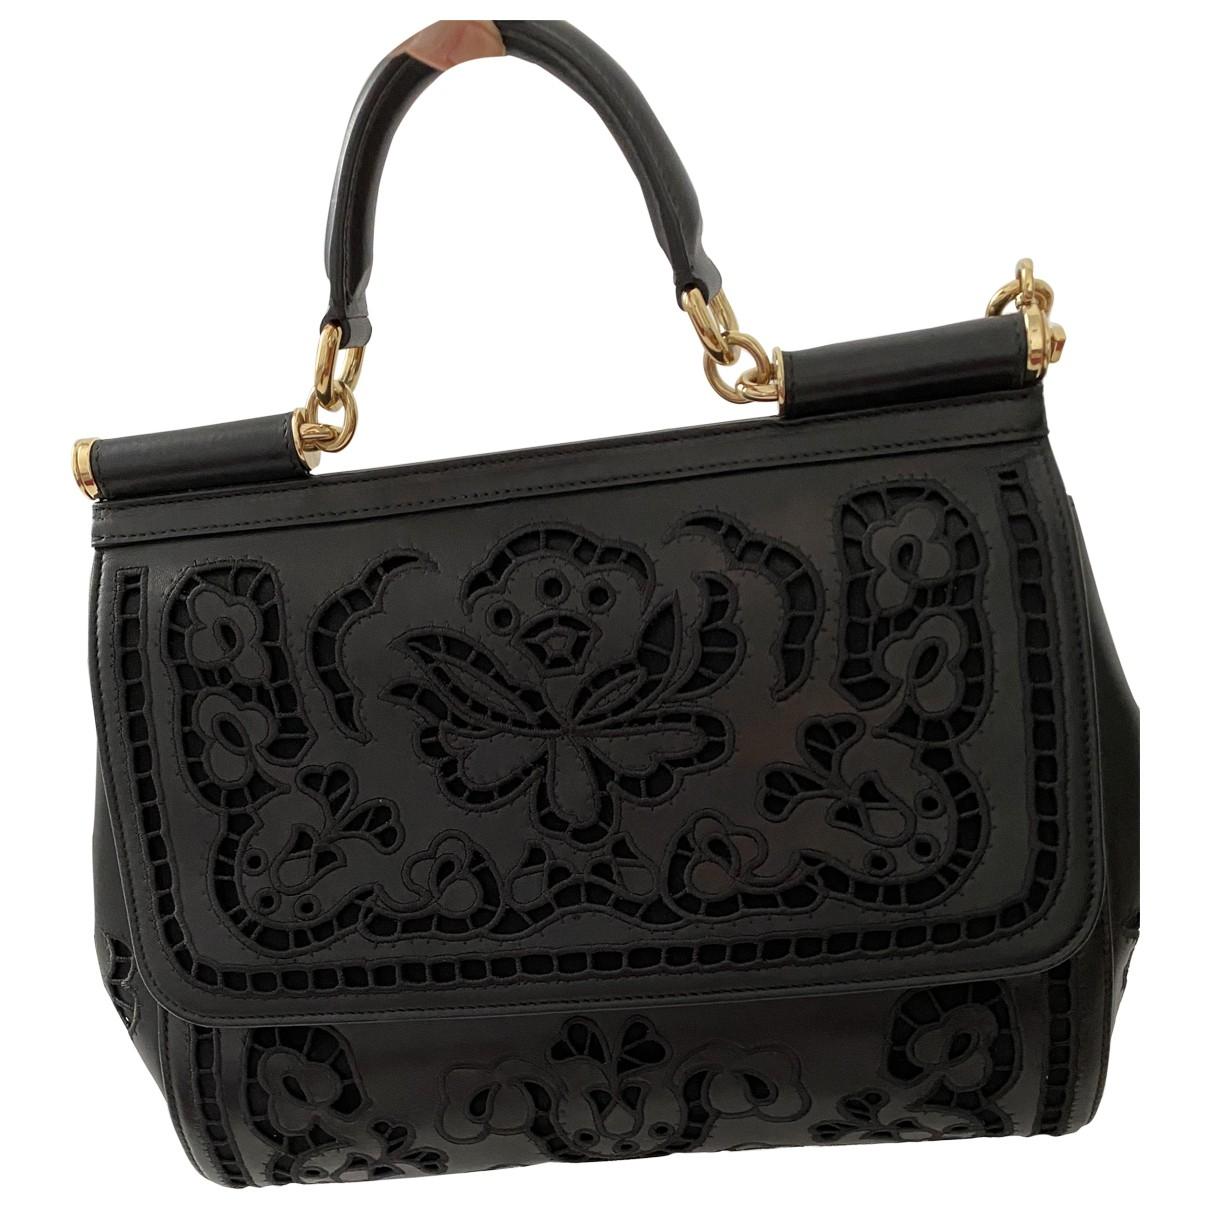 Dolce & Gabbana - Sac a main Sicily pour femme en cuir - noir